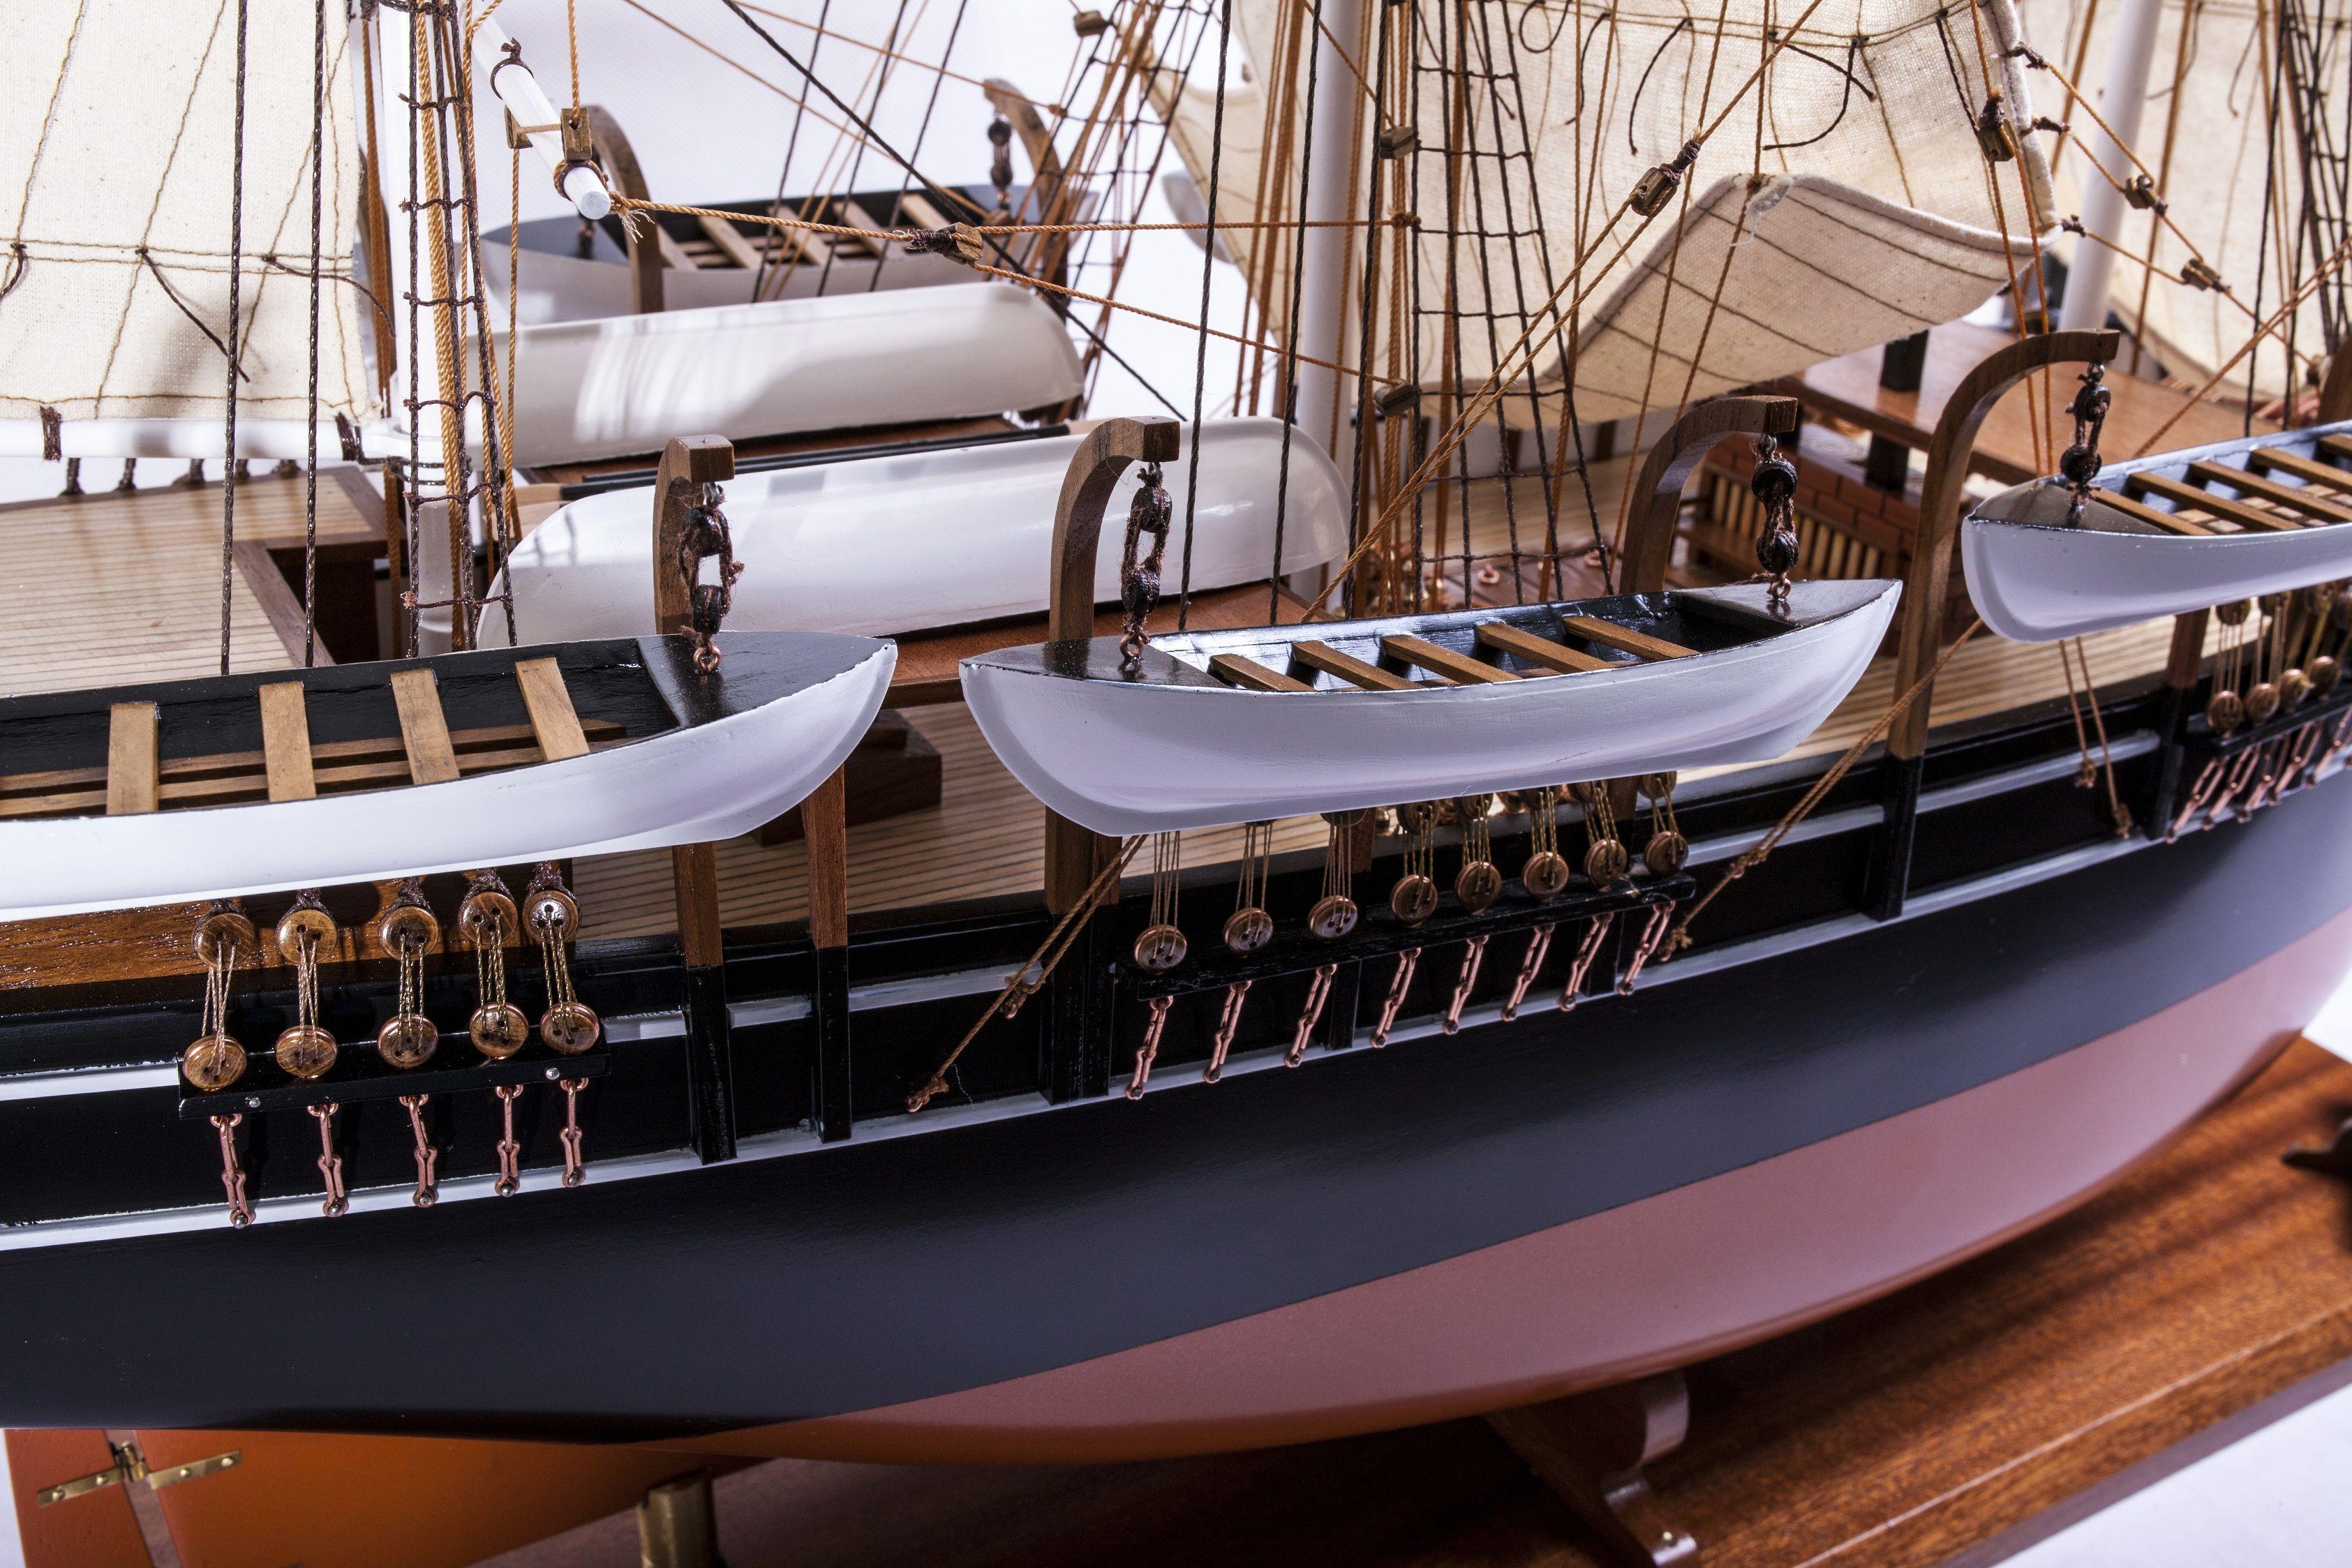 1523-9089-Pequod-Whaler